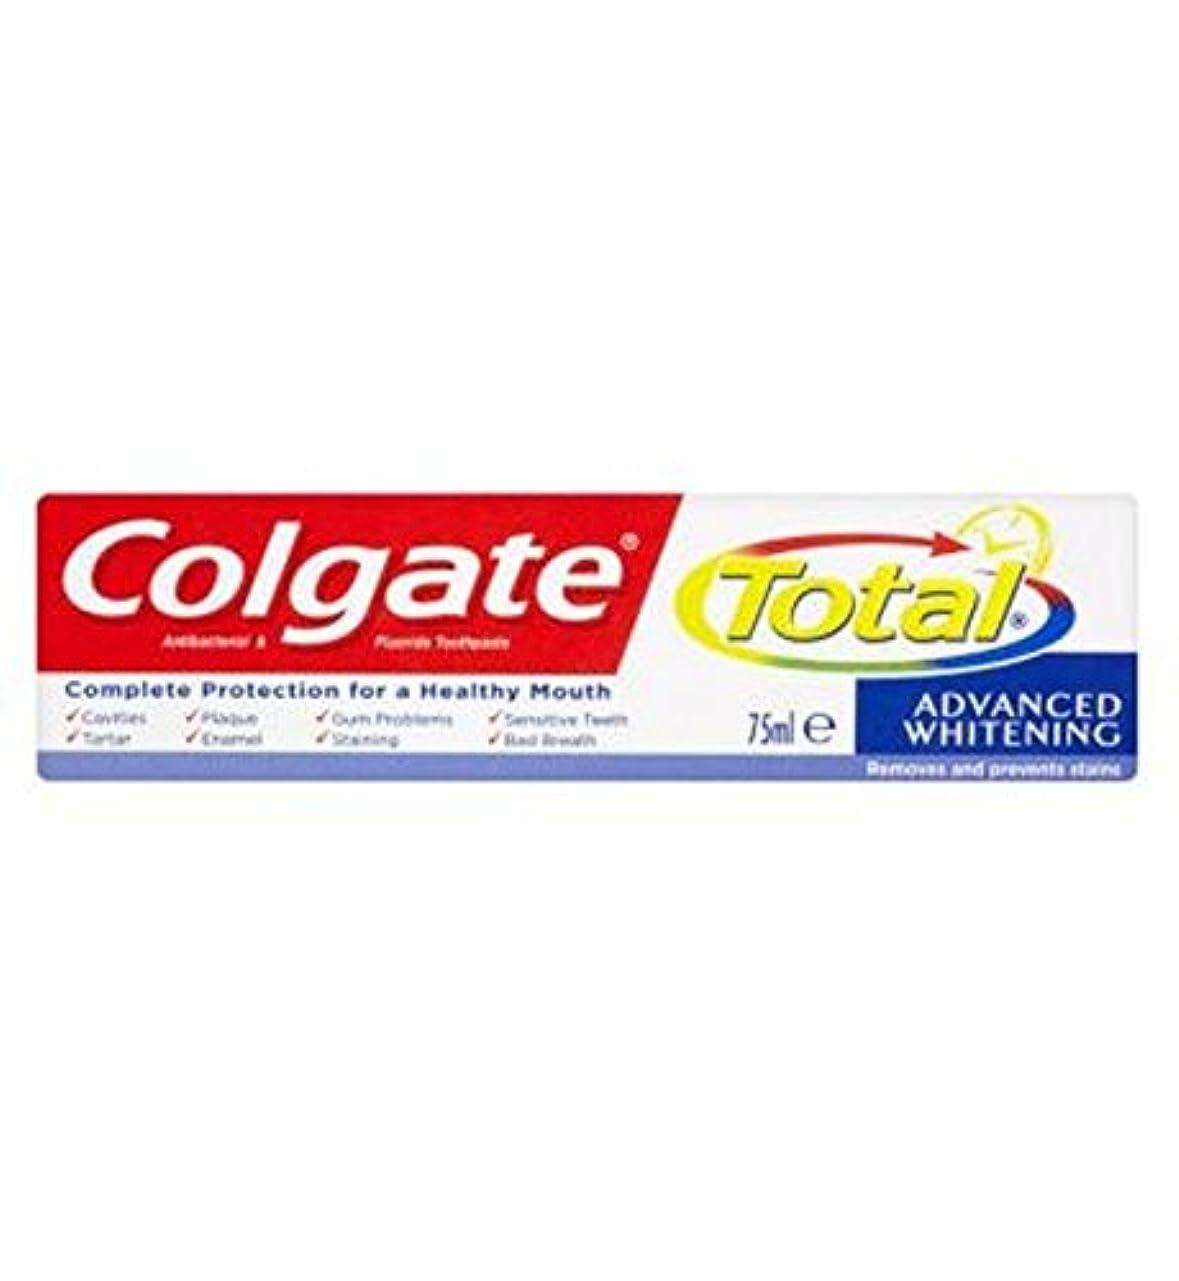 極端な実際昆虫Colgate Total Advanced Whitening toothpaste 75ml - コルゲートトータル高度なホワイトニング歯磨き粉75ミリリットル (Colgate) [並行輸入品]